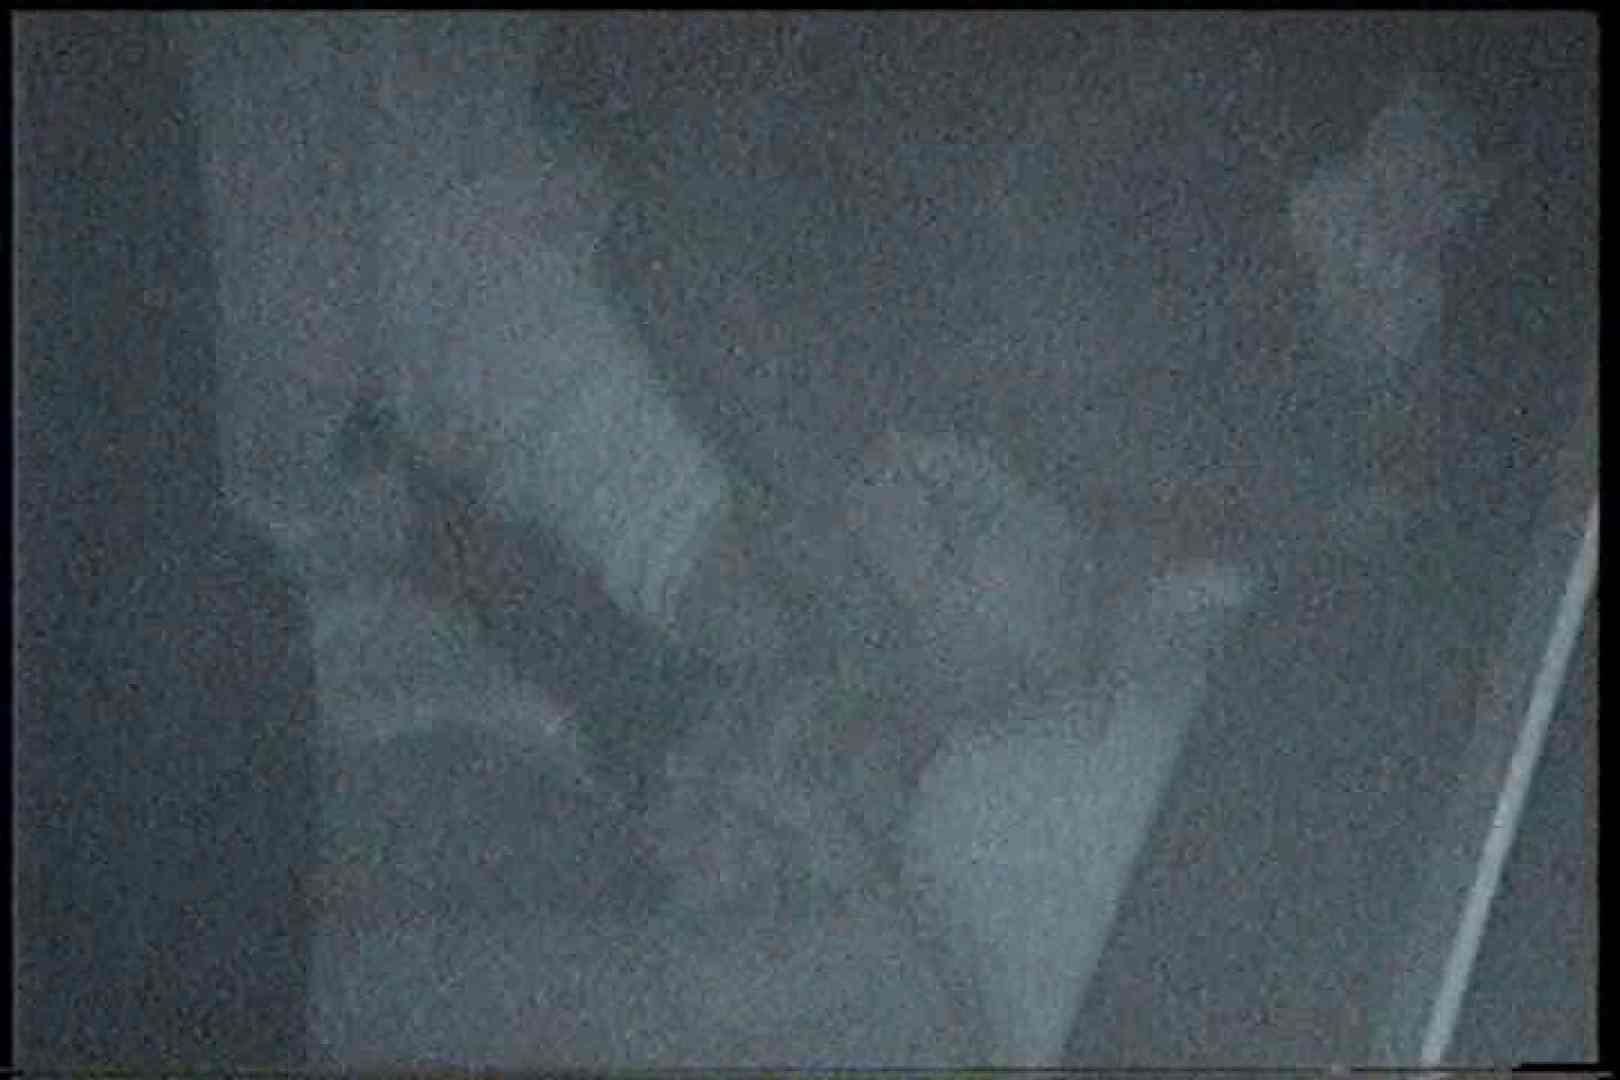 充血監督の深夜の運動会Vol.198 チクビ   OLエロ画像  76PICs 61